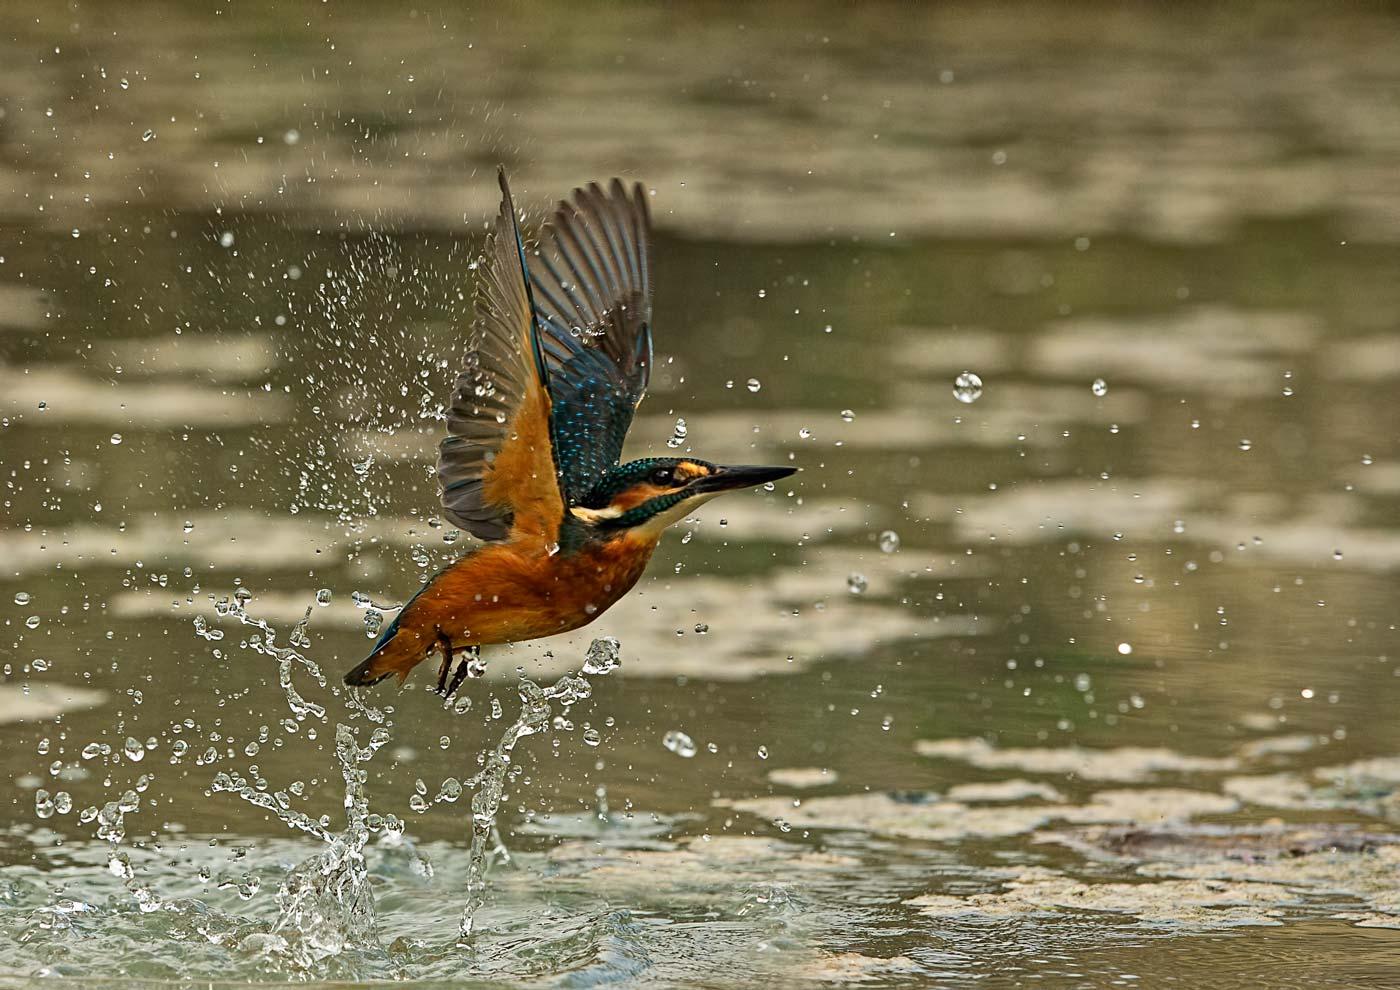 PWP_Kingfisher_AH0R0360A